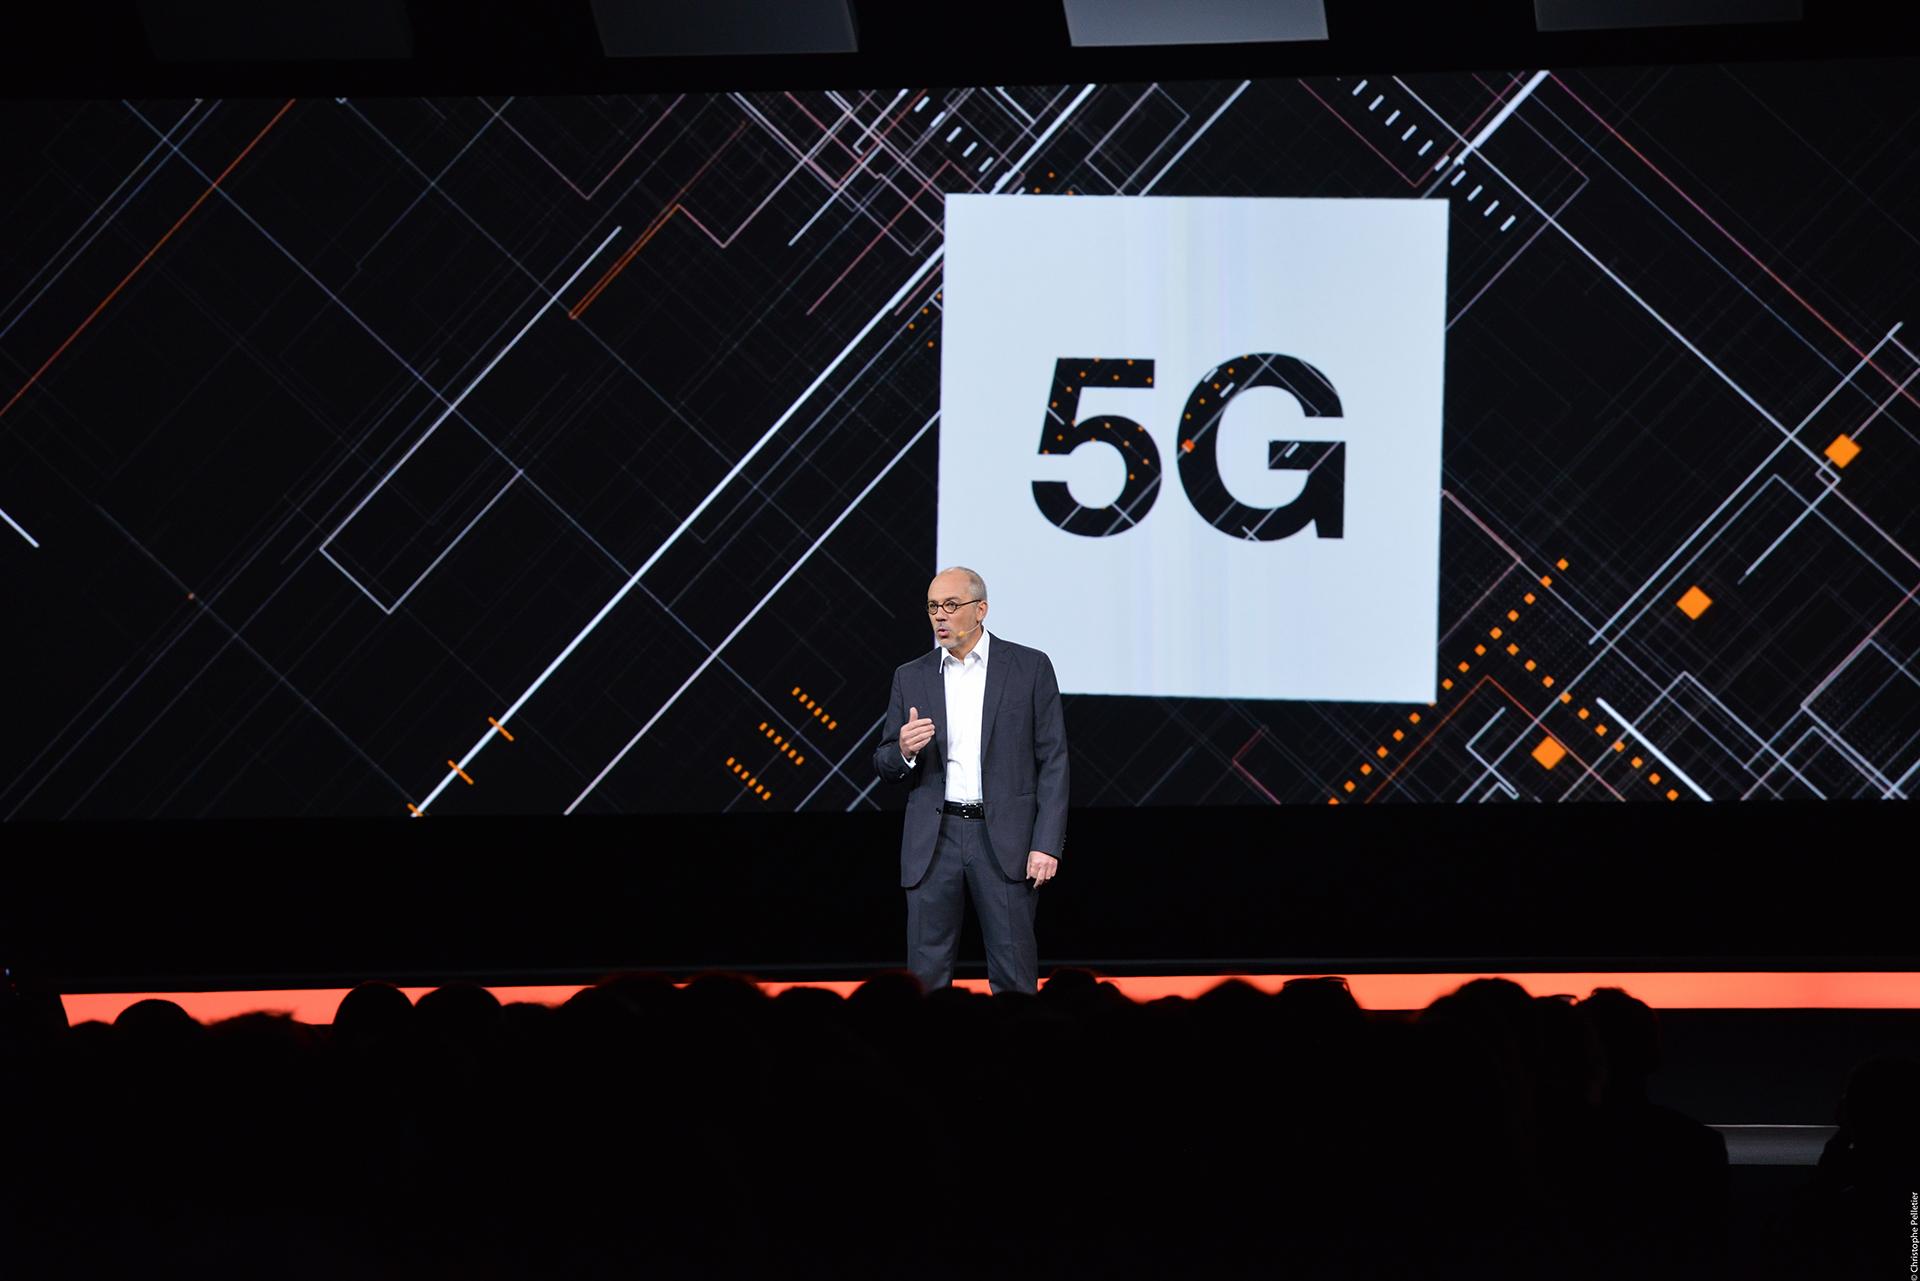 Voitures télécommandées, guidage... : les premiers usages de la 5G